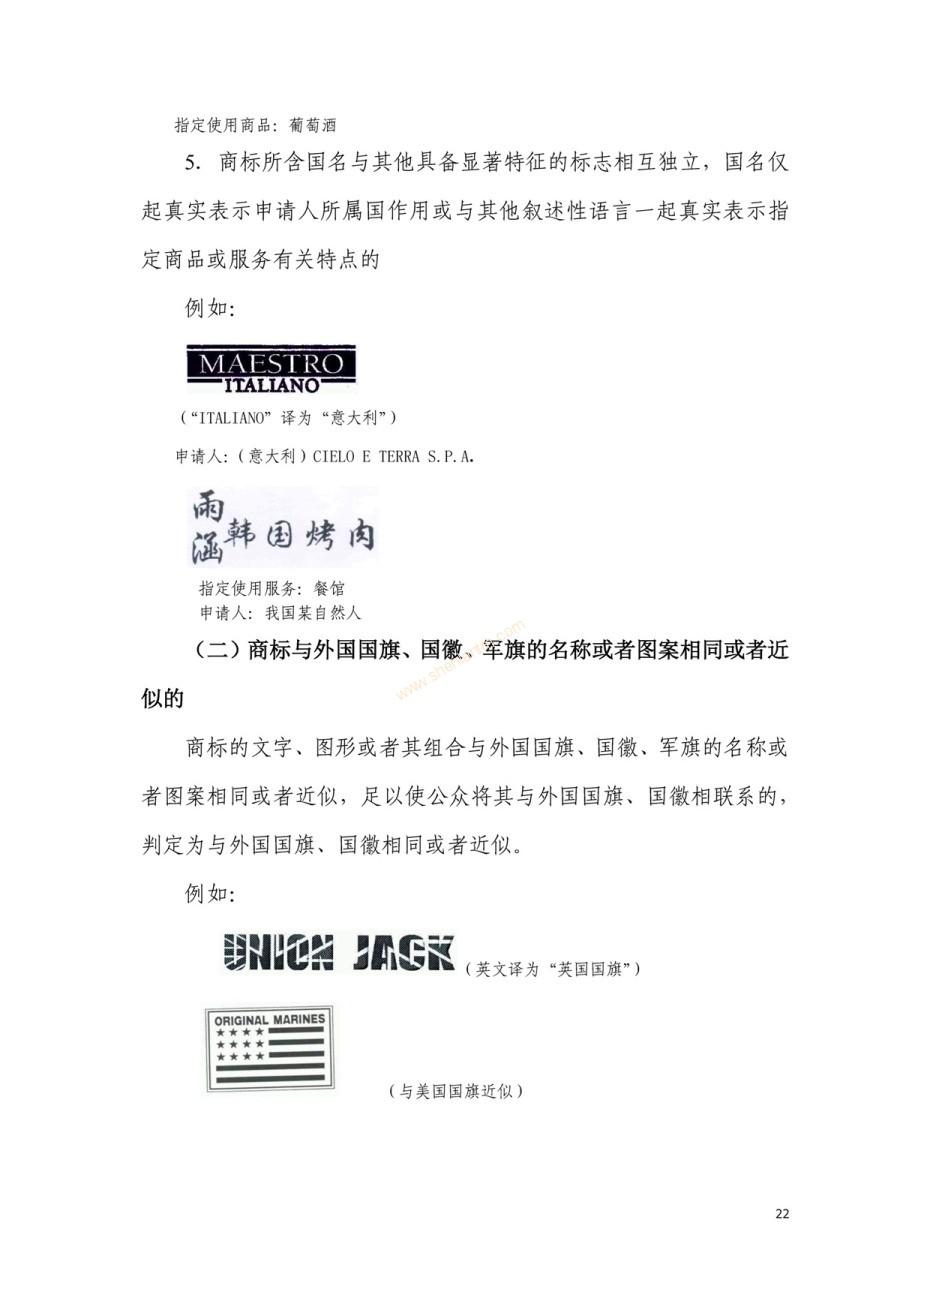 商标审查及审理标准2016版_页面_022